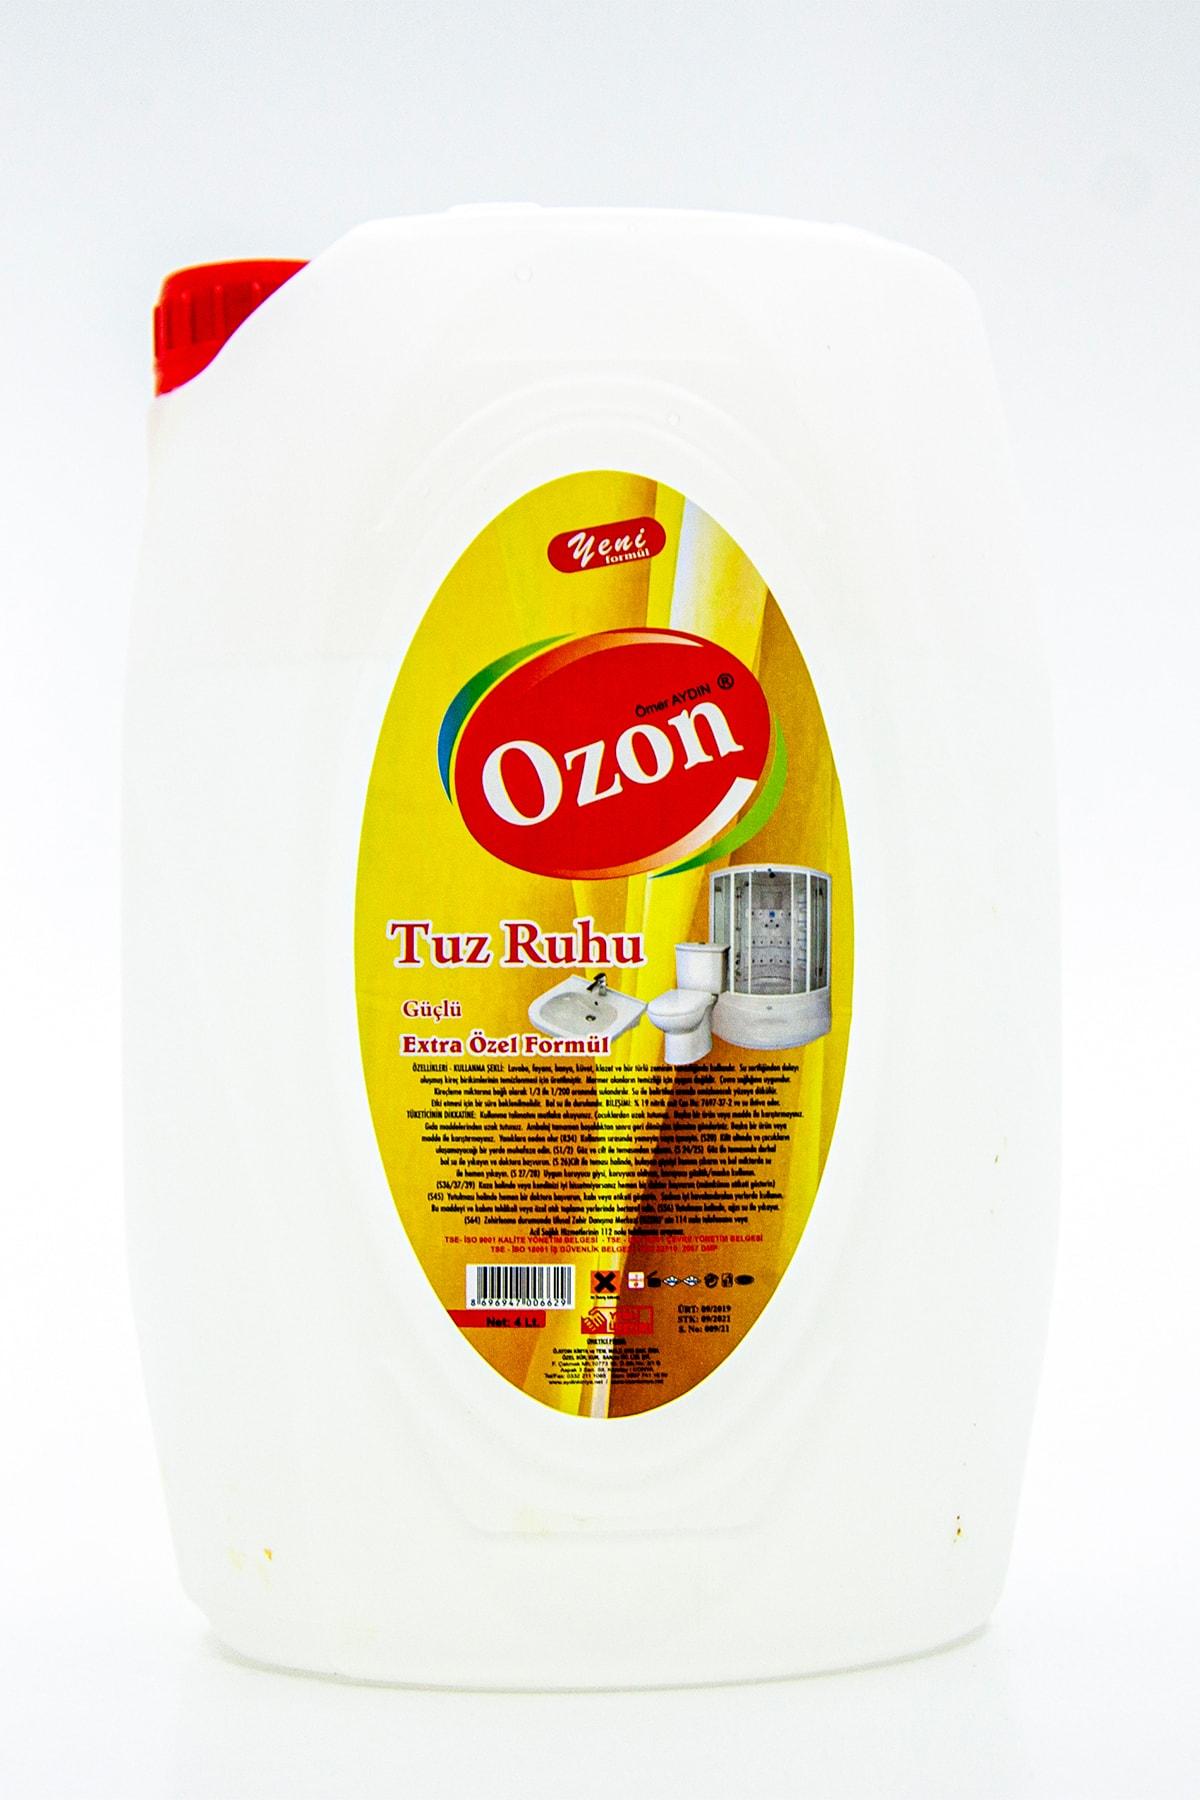 easyso Ozon Tuz Ruhu 4l, Ekstra Güçlü Formül, Yeni, Güçlü Ve Etkili 1